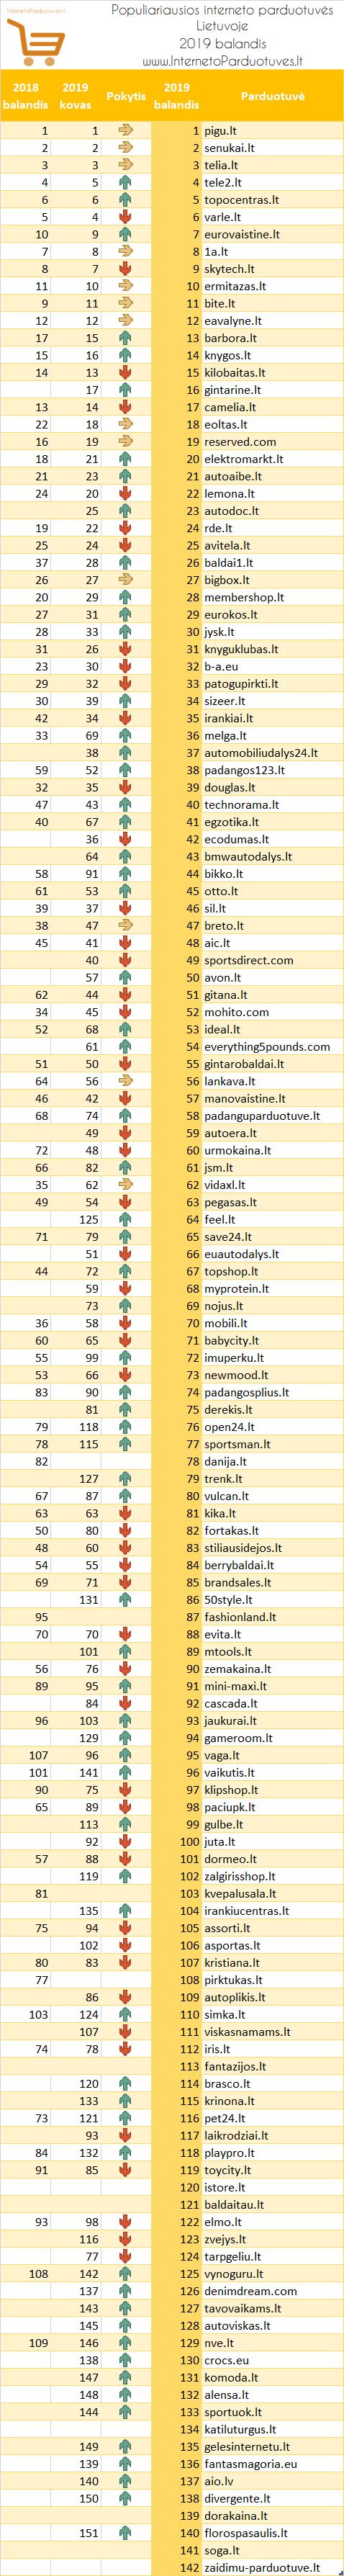 Populiariausių elektroninių parduotuvių Lietuvoje 2019 m. balandžio mėn. reitingas